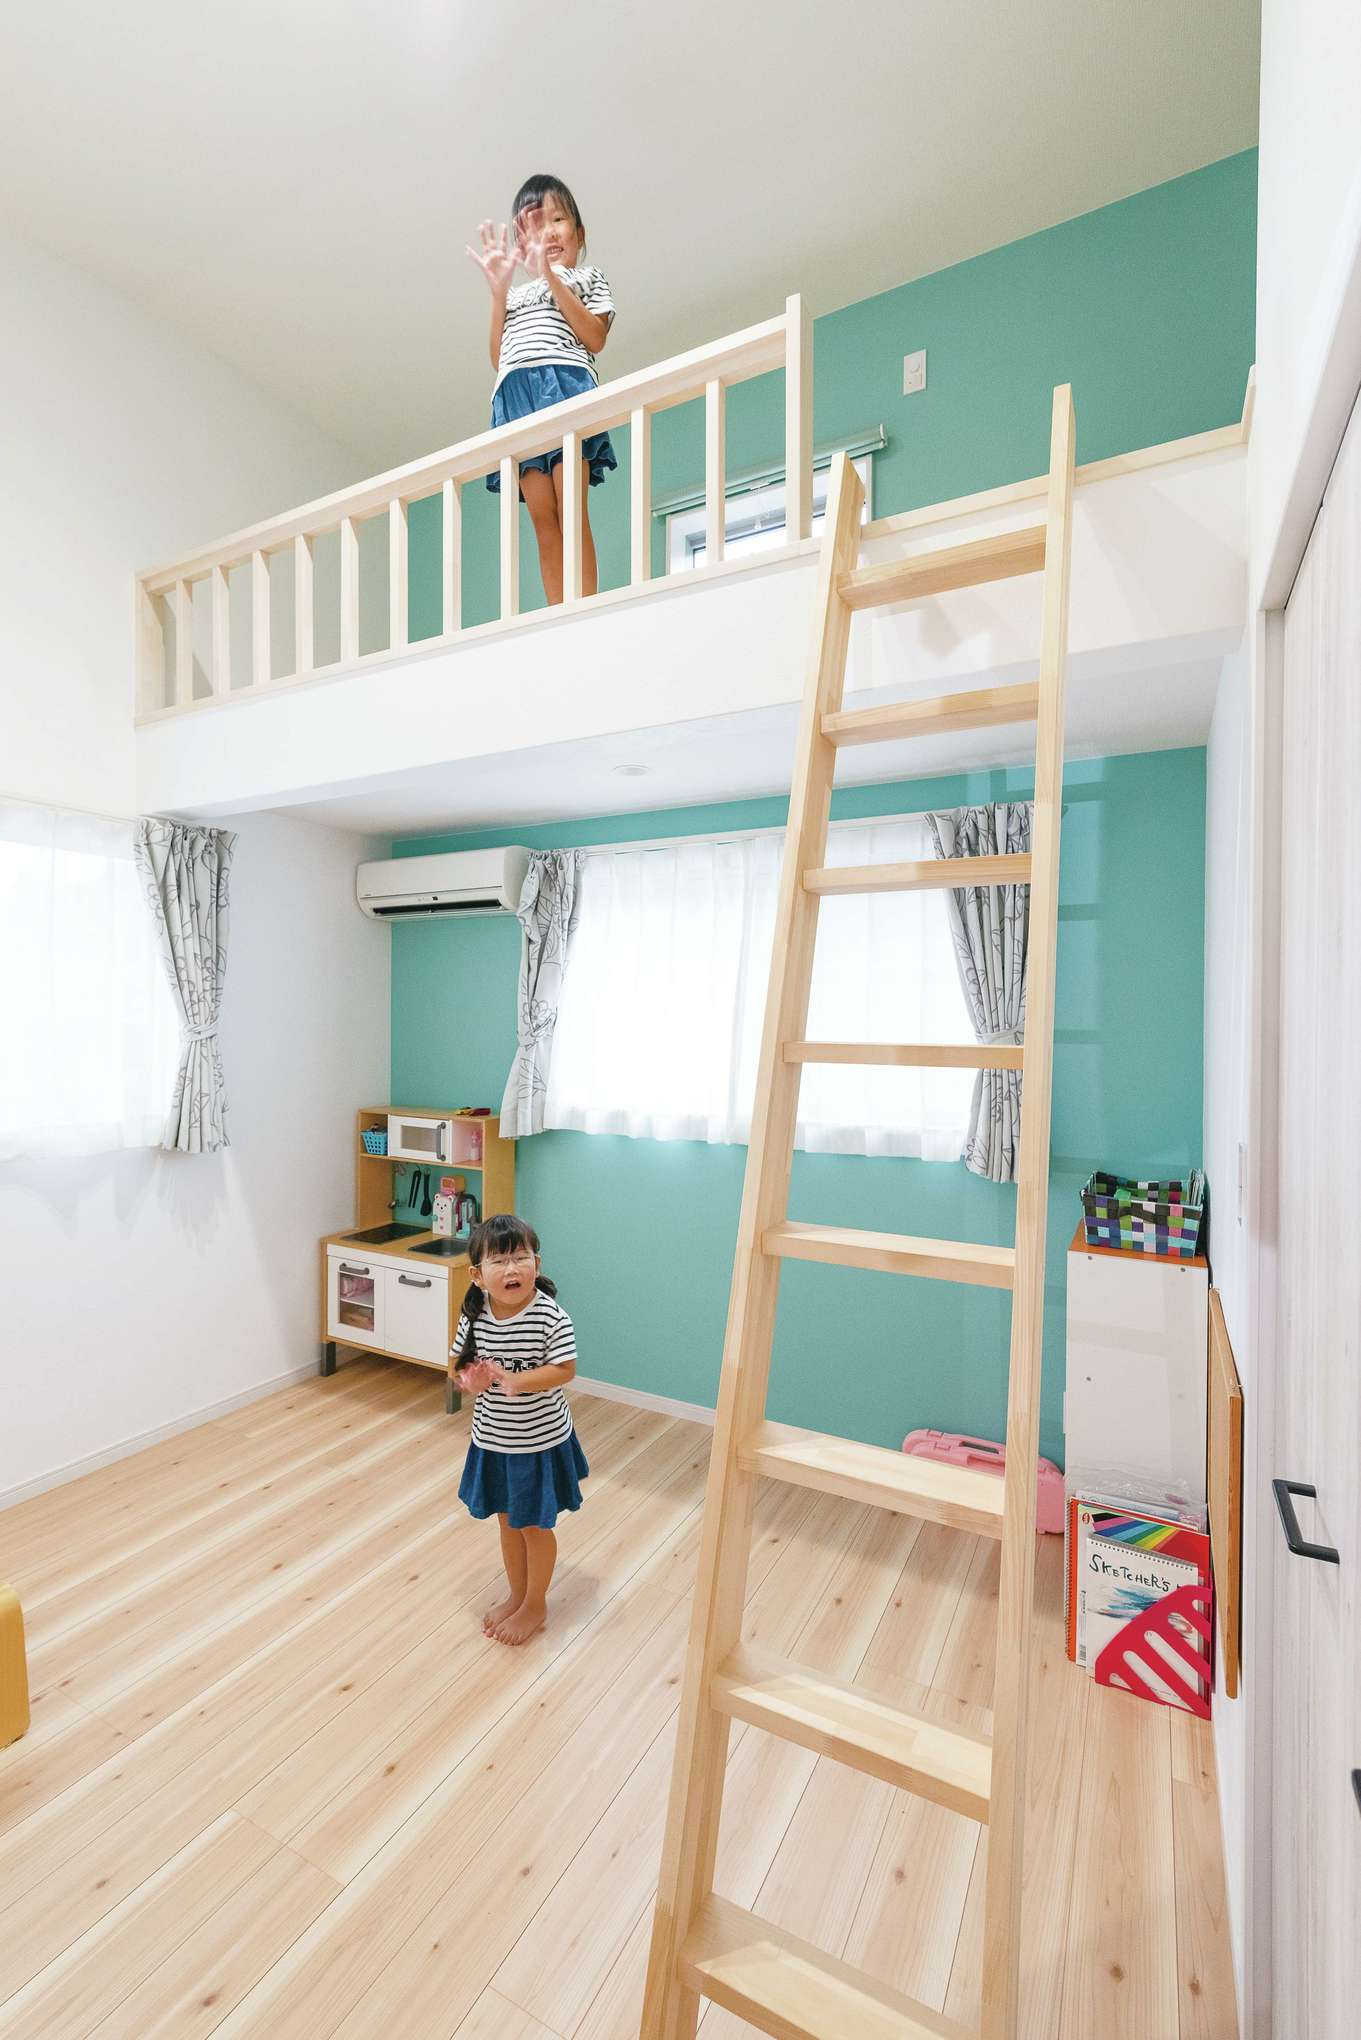 子ども部屋は左右対称に用意。床や建具の色合いも、壁に合わせて明るいものを選んだ。あいだには、かくれんぼのときに活躍しそうな物入れが用意されている。ポップでかわいいティファニーブルーは、奥さまによるセレクト